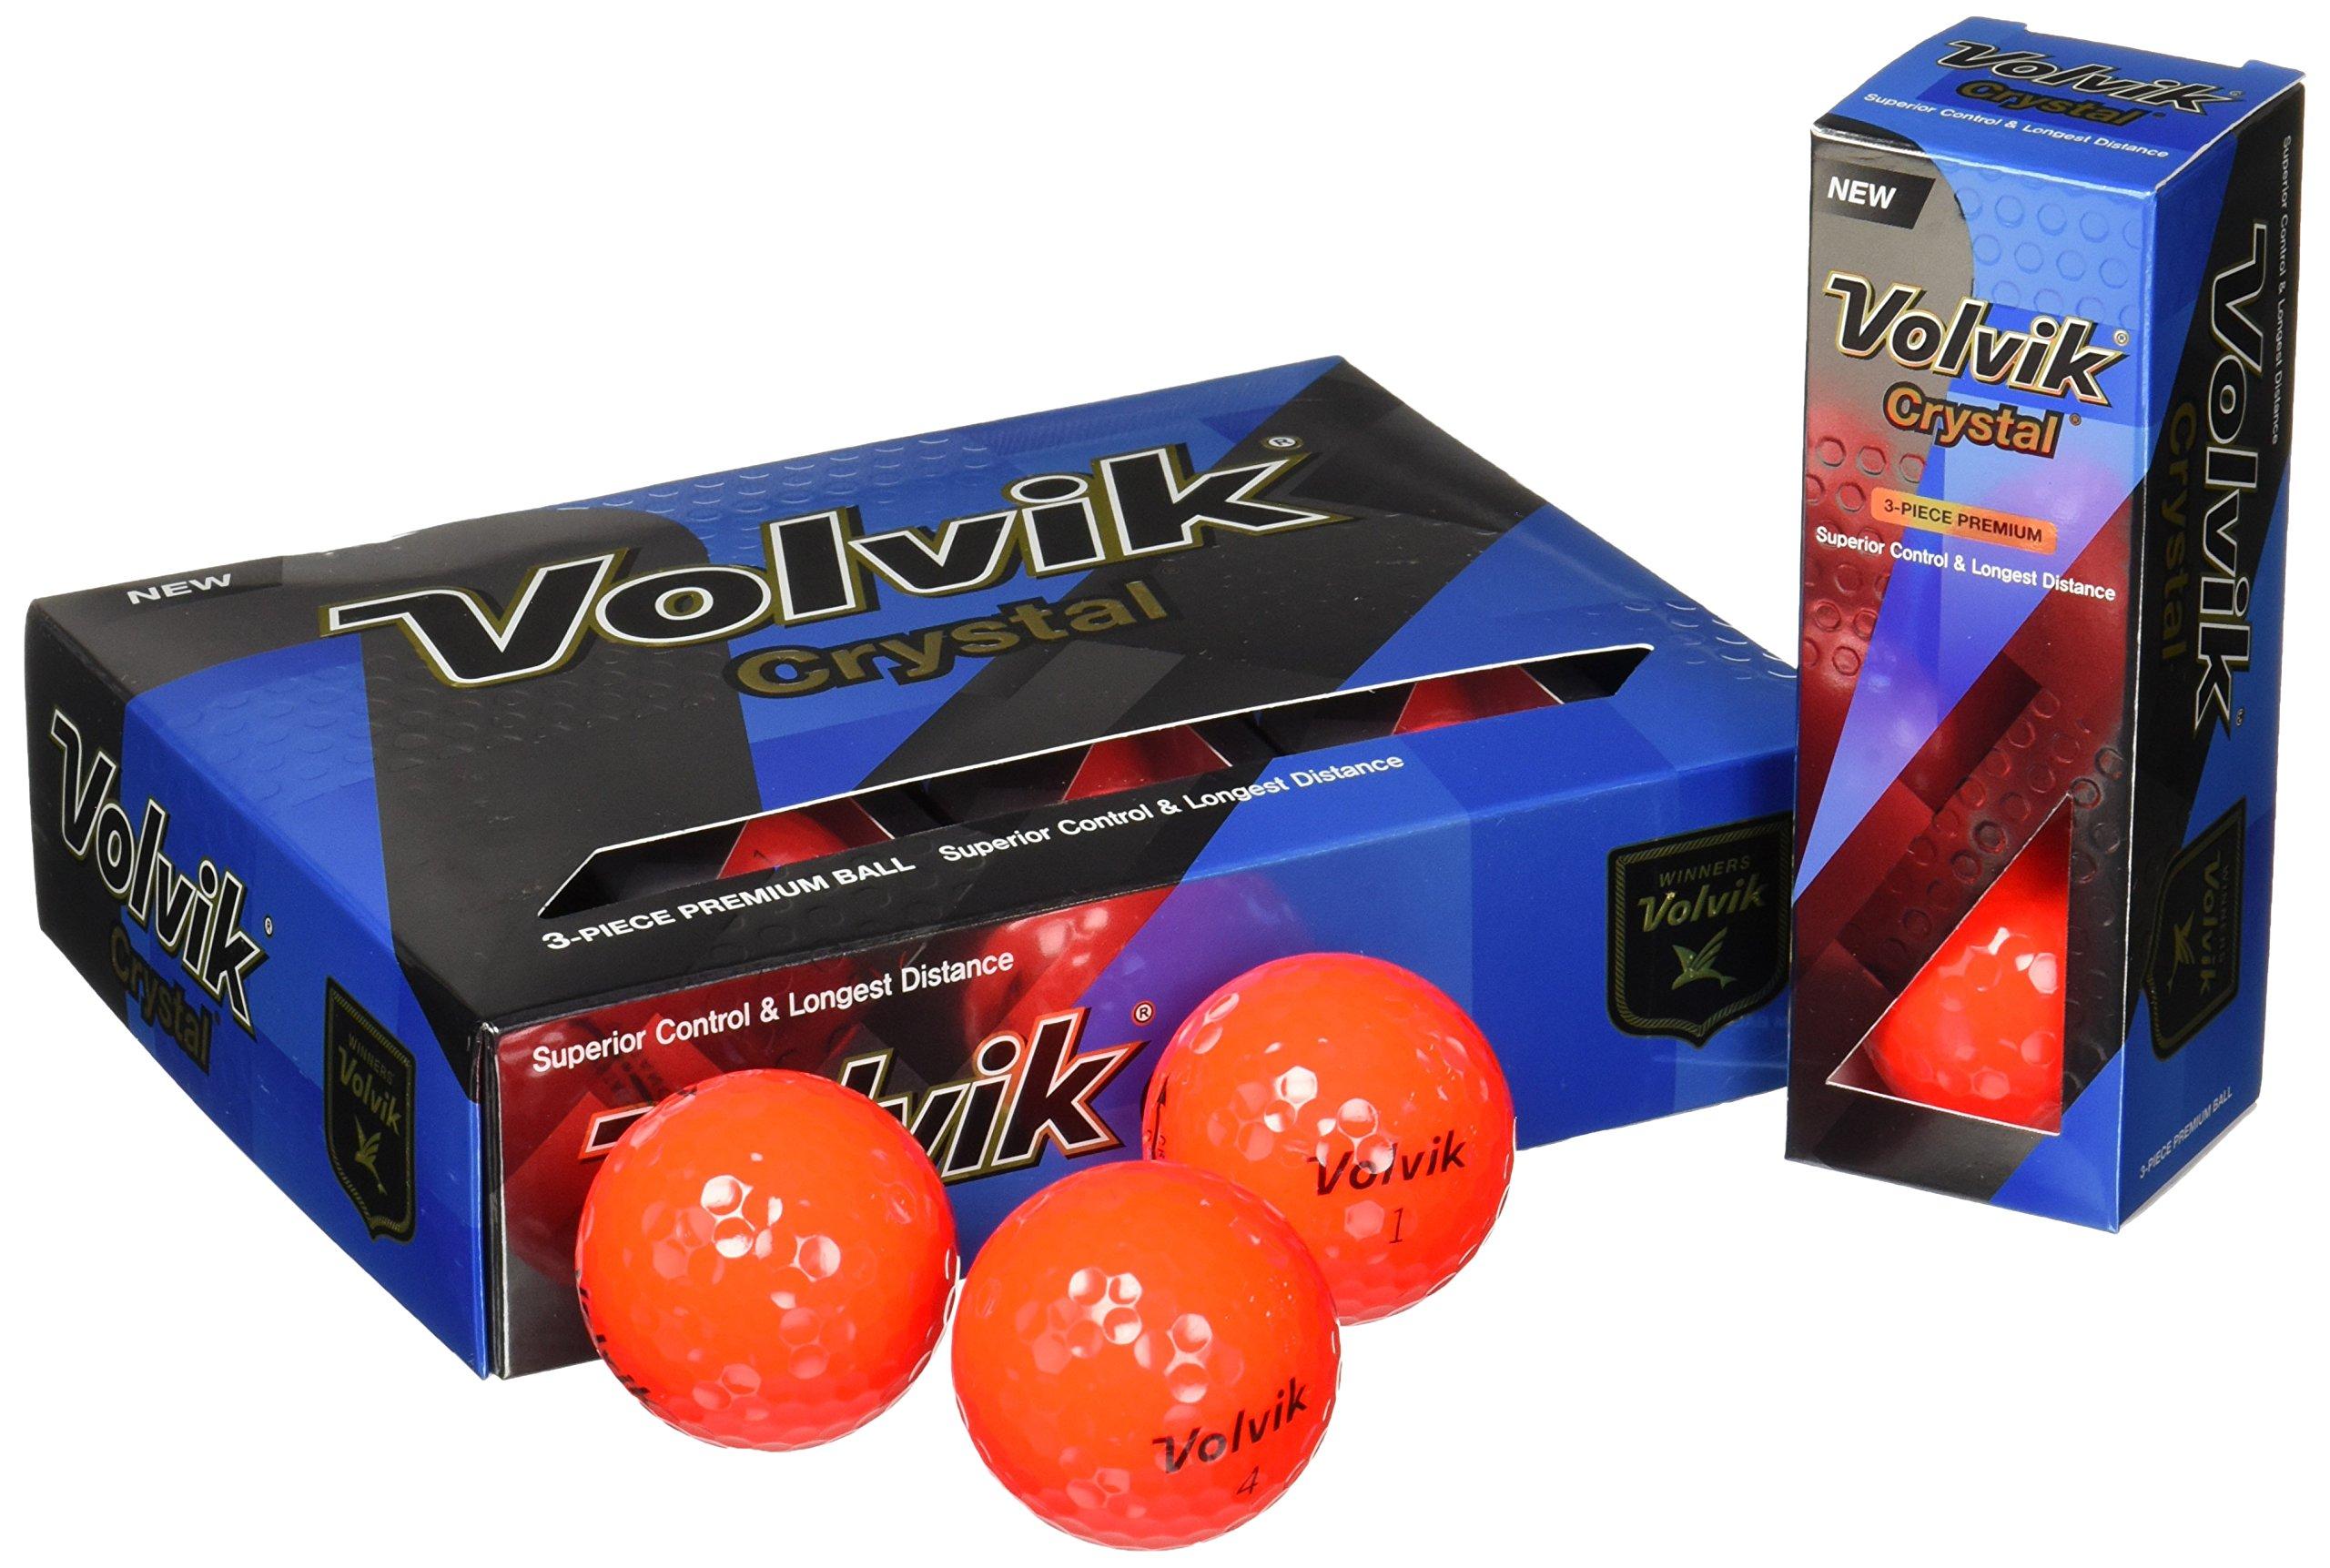 Volvik 2016 Golf Balls (Dozen), Crystal Ruby by Volvik